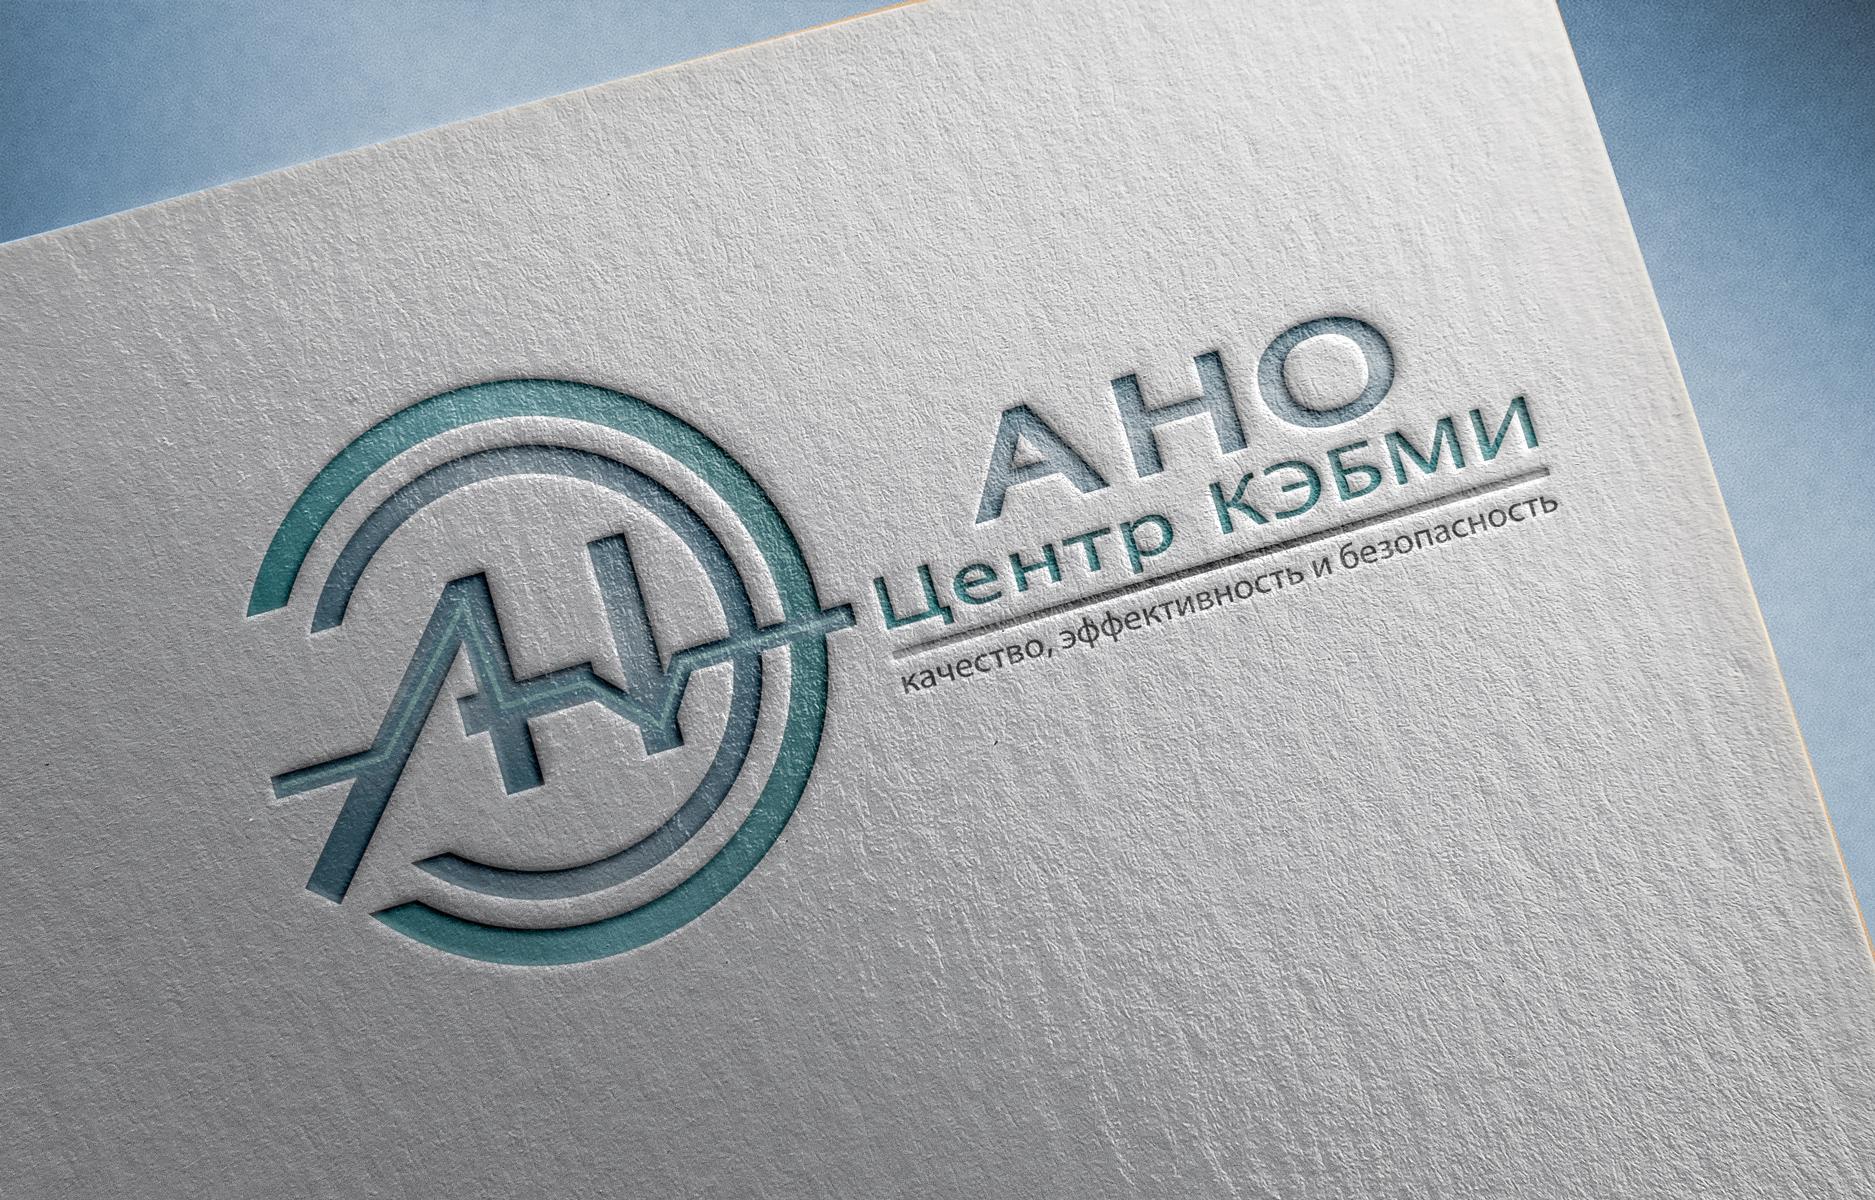 Редизайн логотипа АНО Центр КЭБМИ - BREVIS фото f_0675b1e778c58e09.jpg